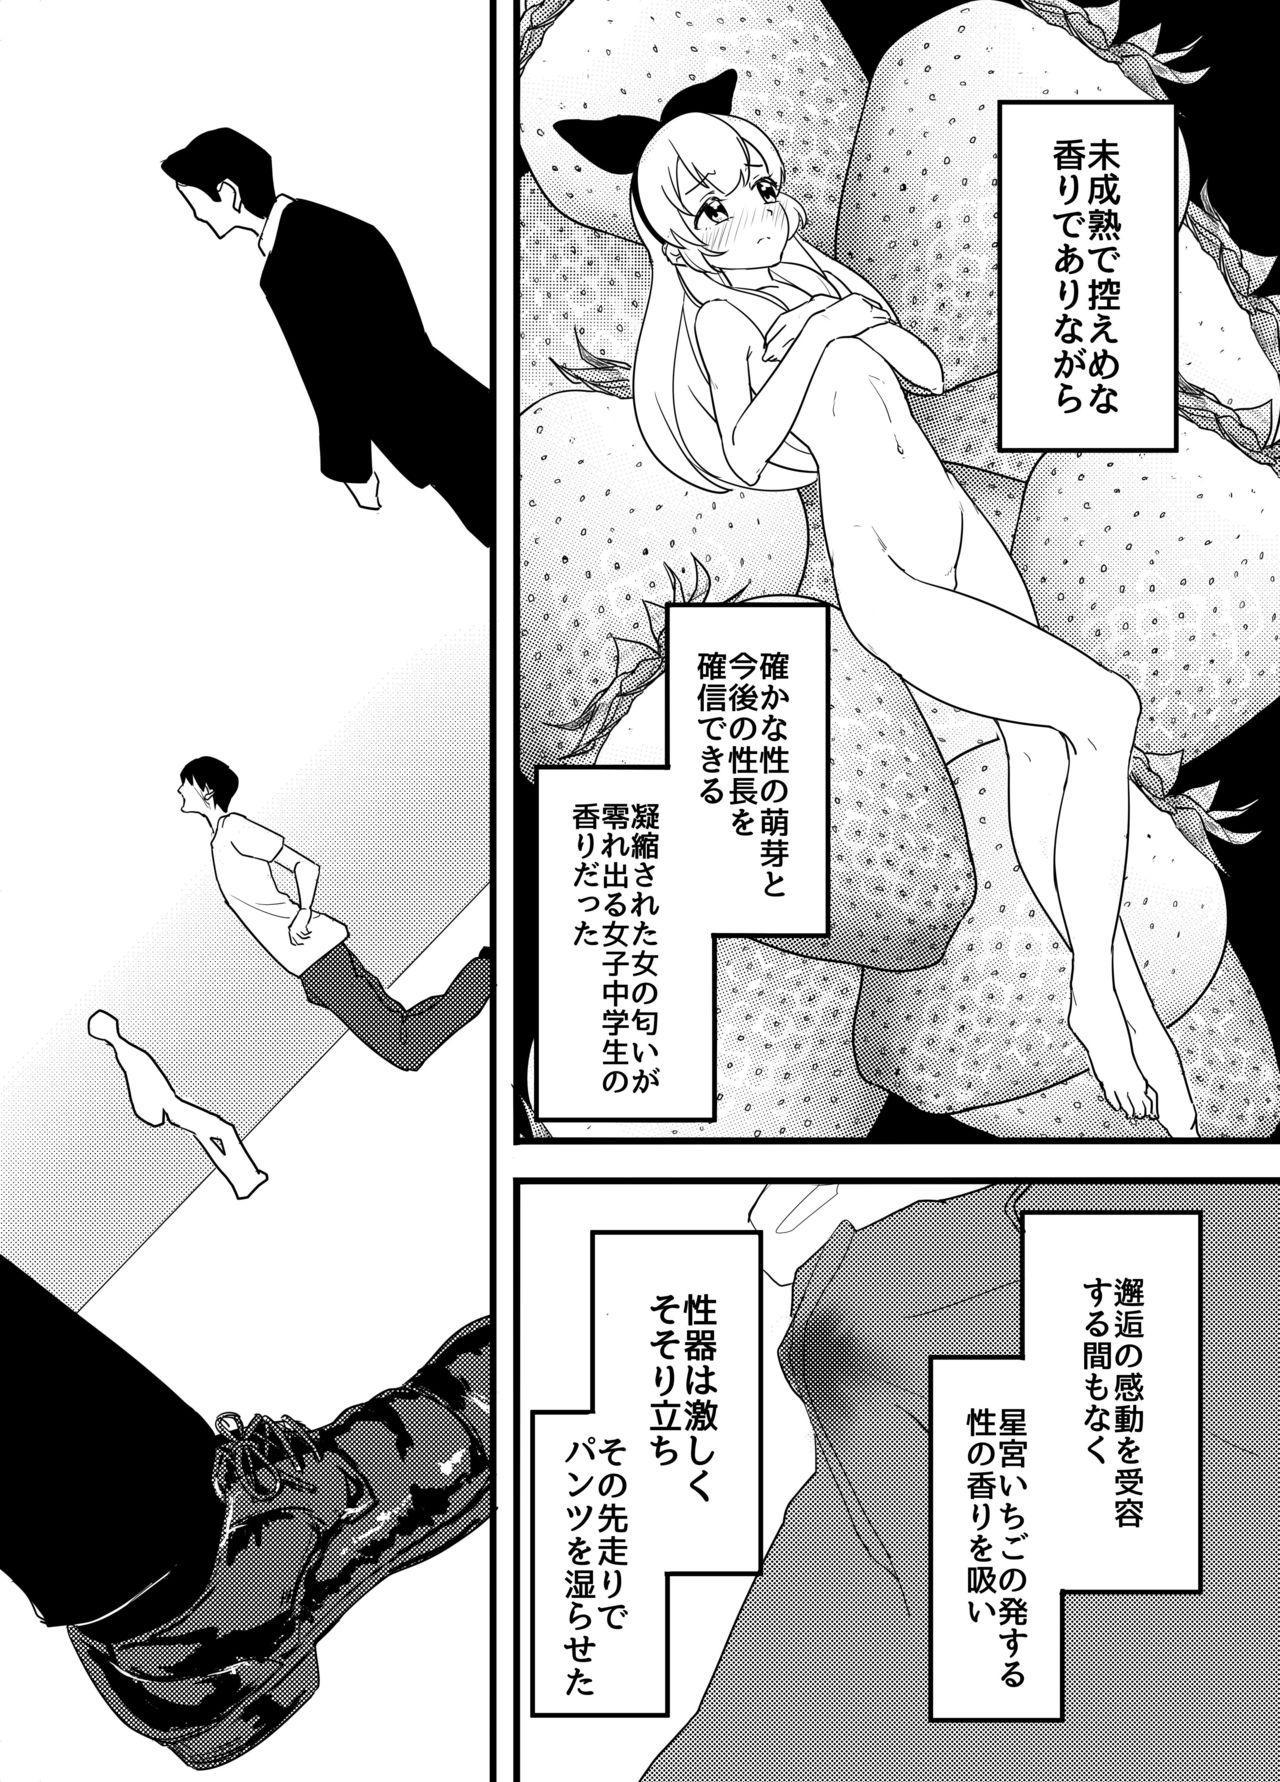 Hoshimiya Ichigo o Goukan Shite Boku wa Hoshi ni Naru. 21